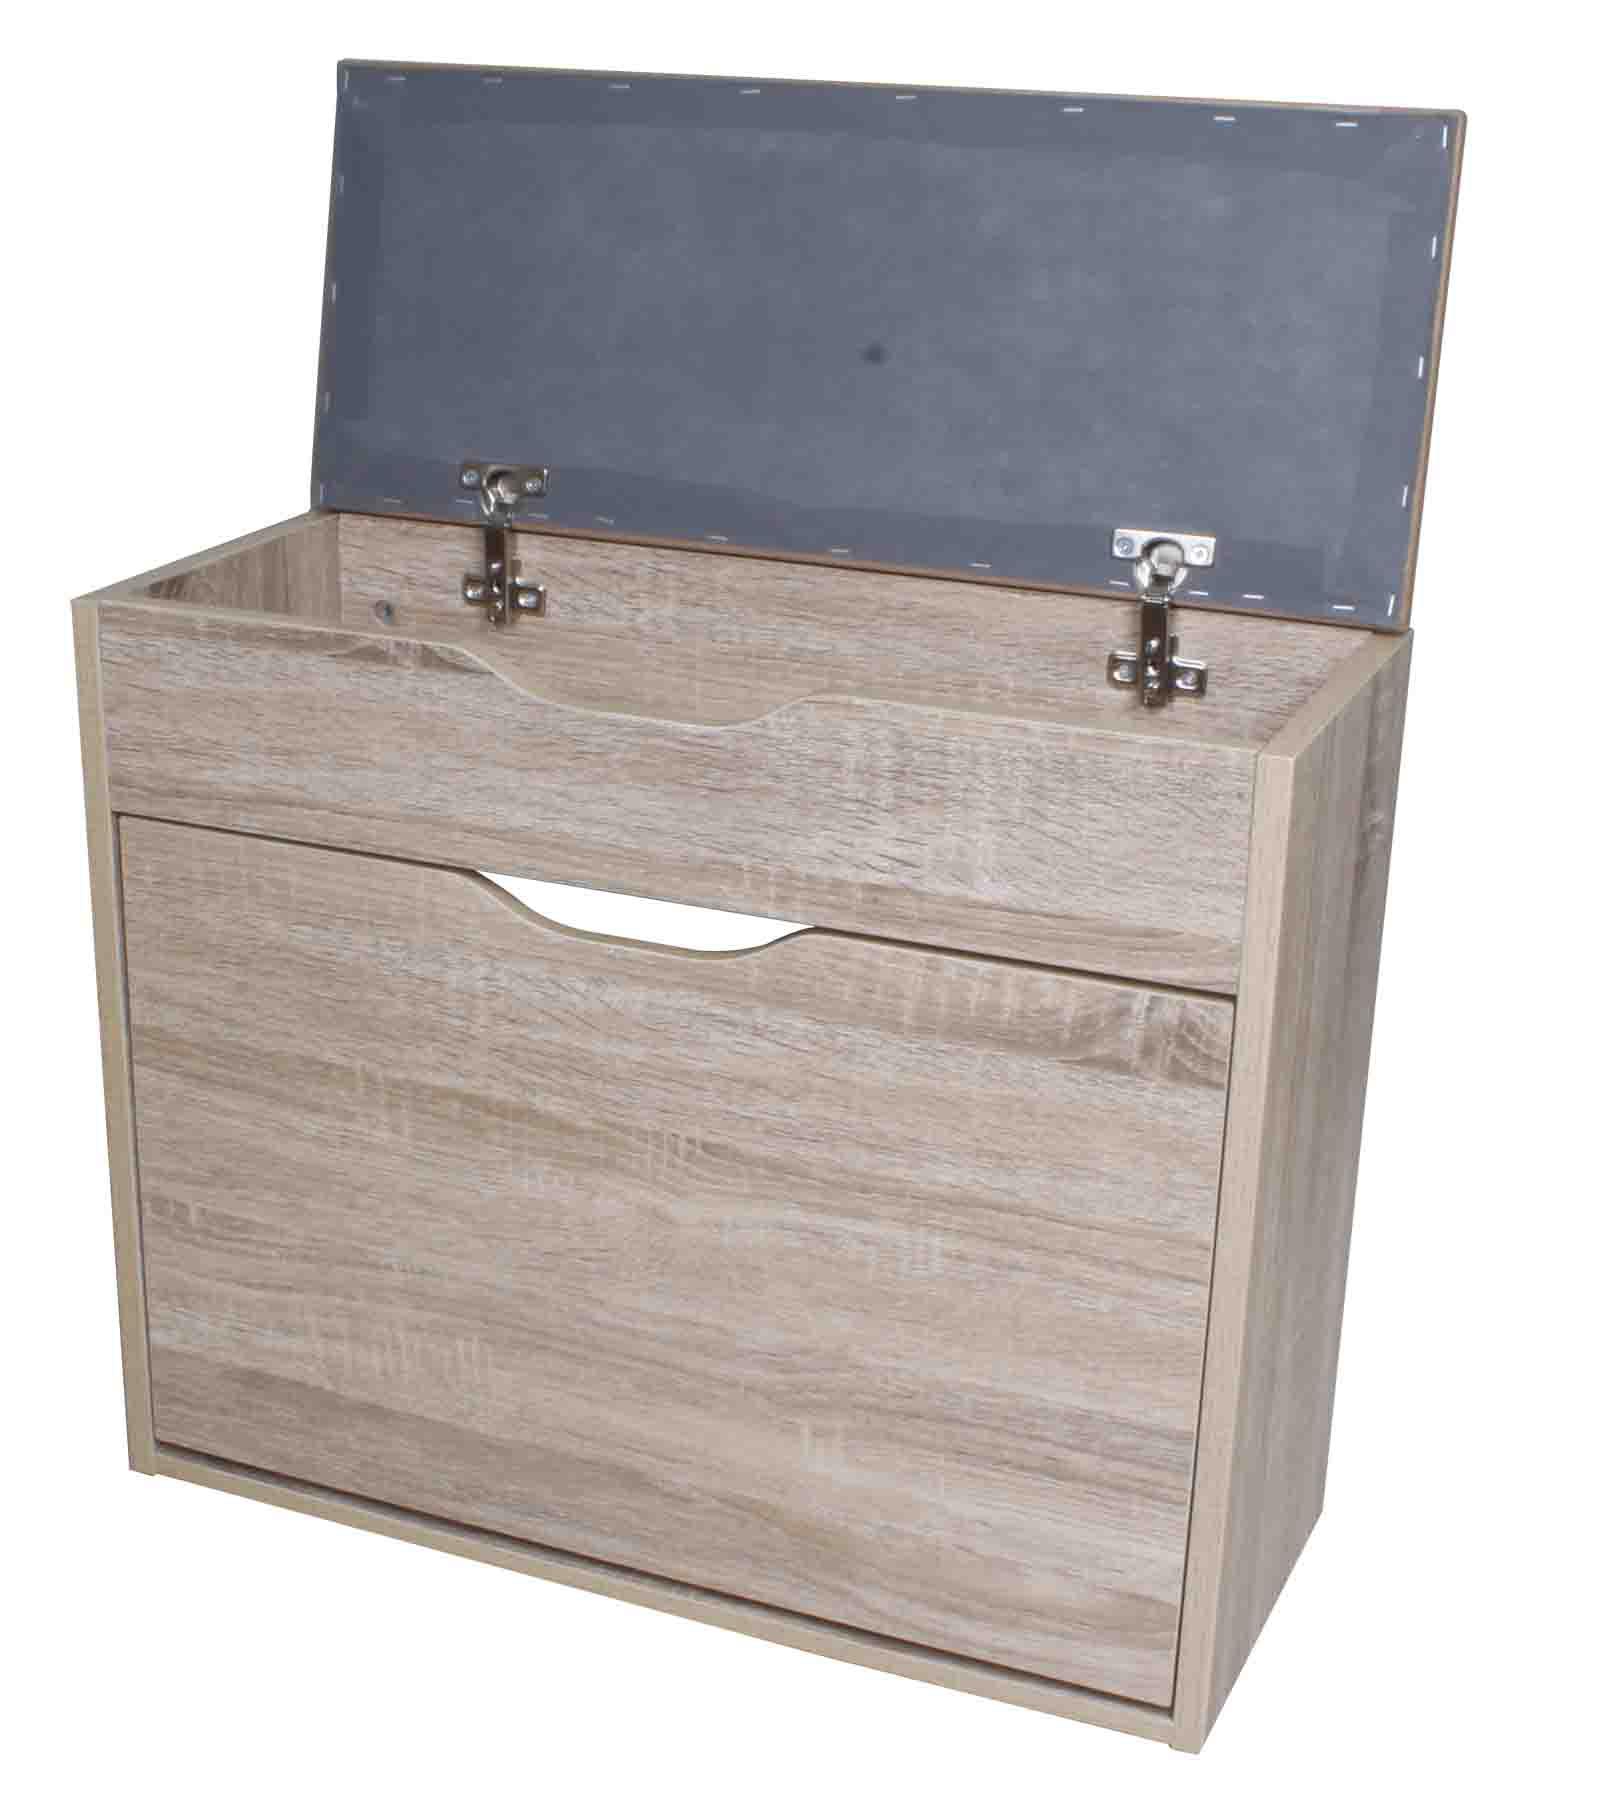 kommode mit sitzbank truhe kommode sitzbank tv shabby chic in baden with kommode mit sitzbank. Black Bedroom Furniture Sets. Home Design Ideas